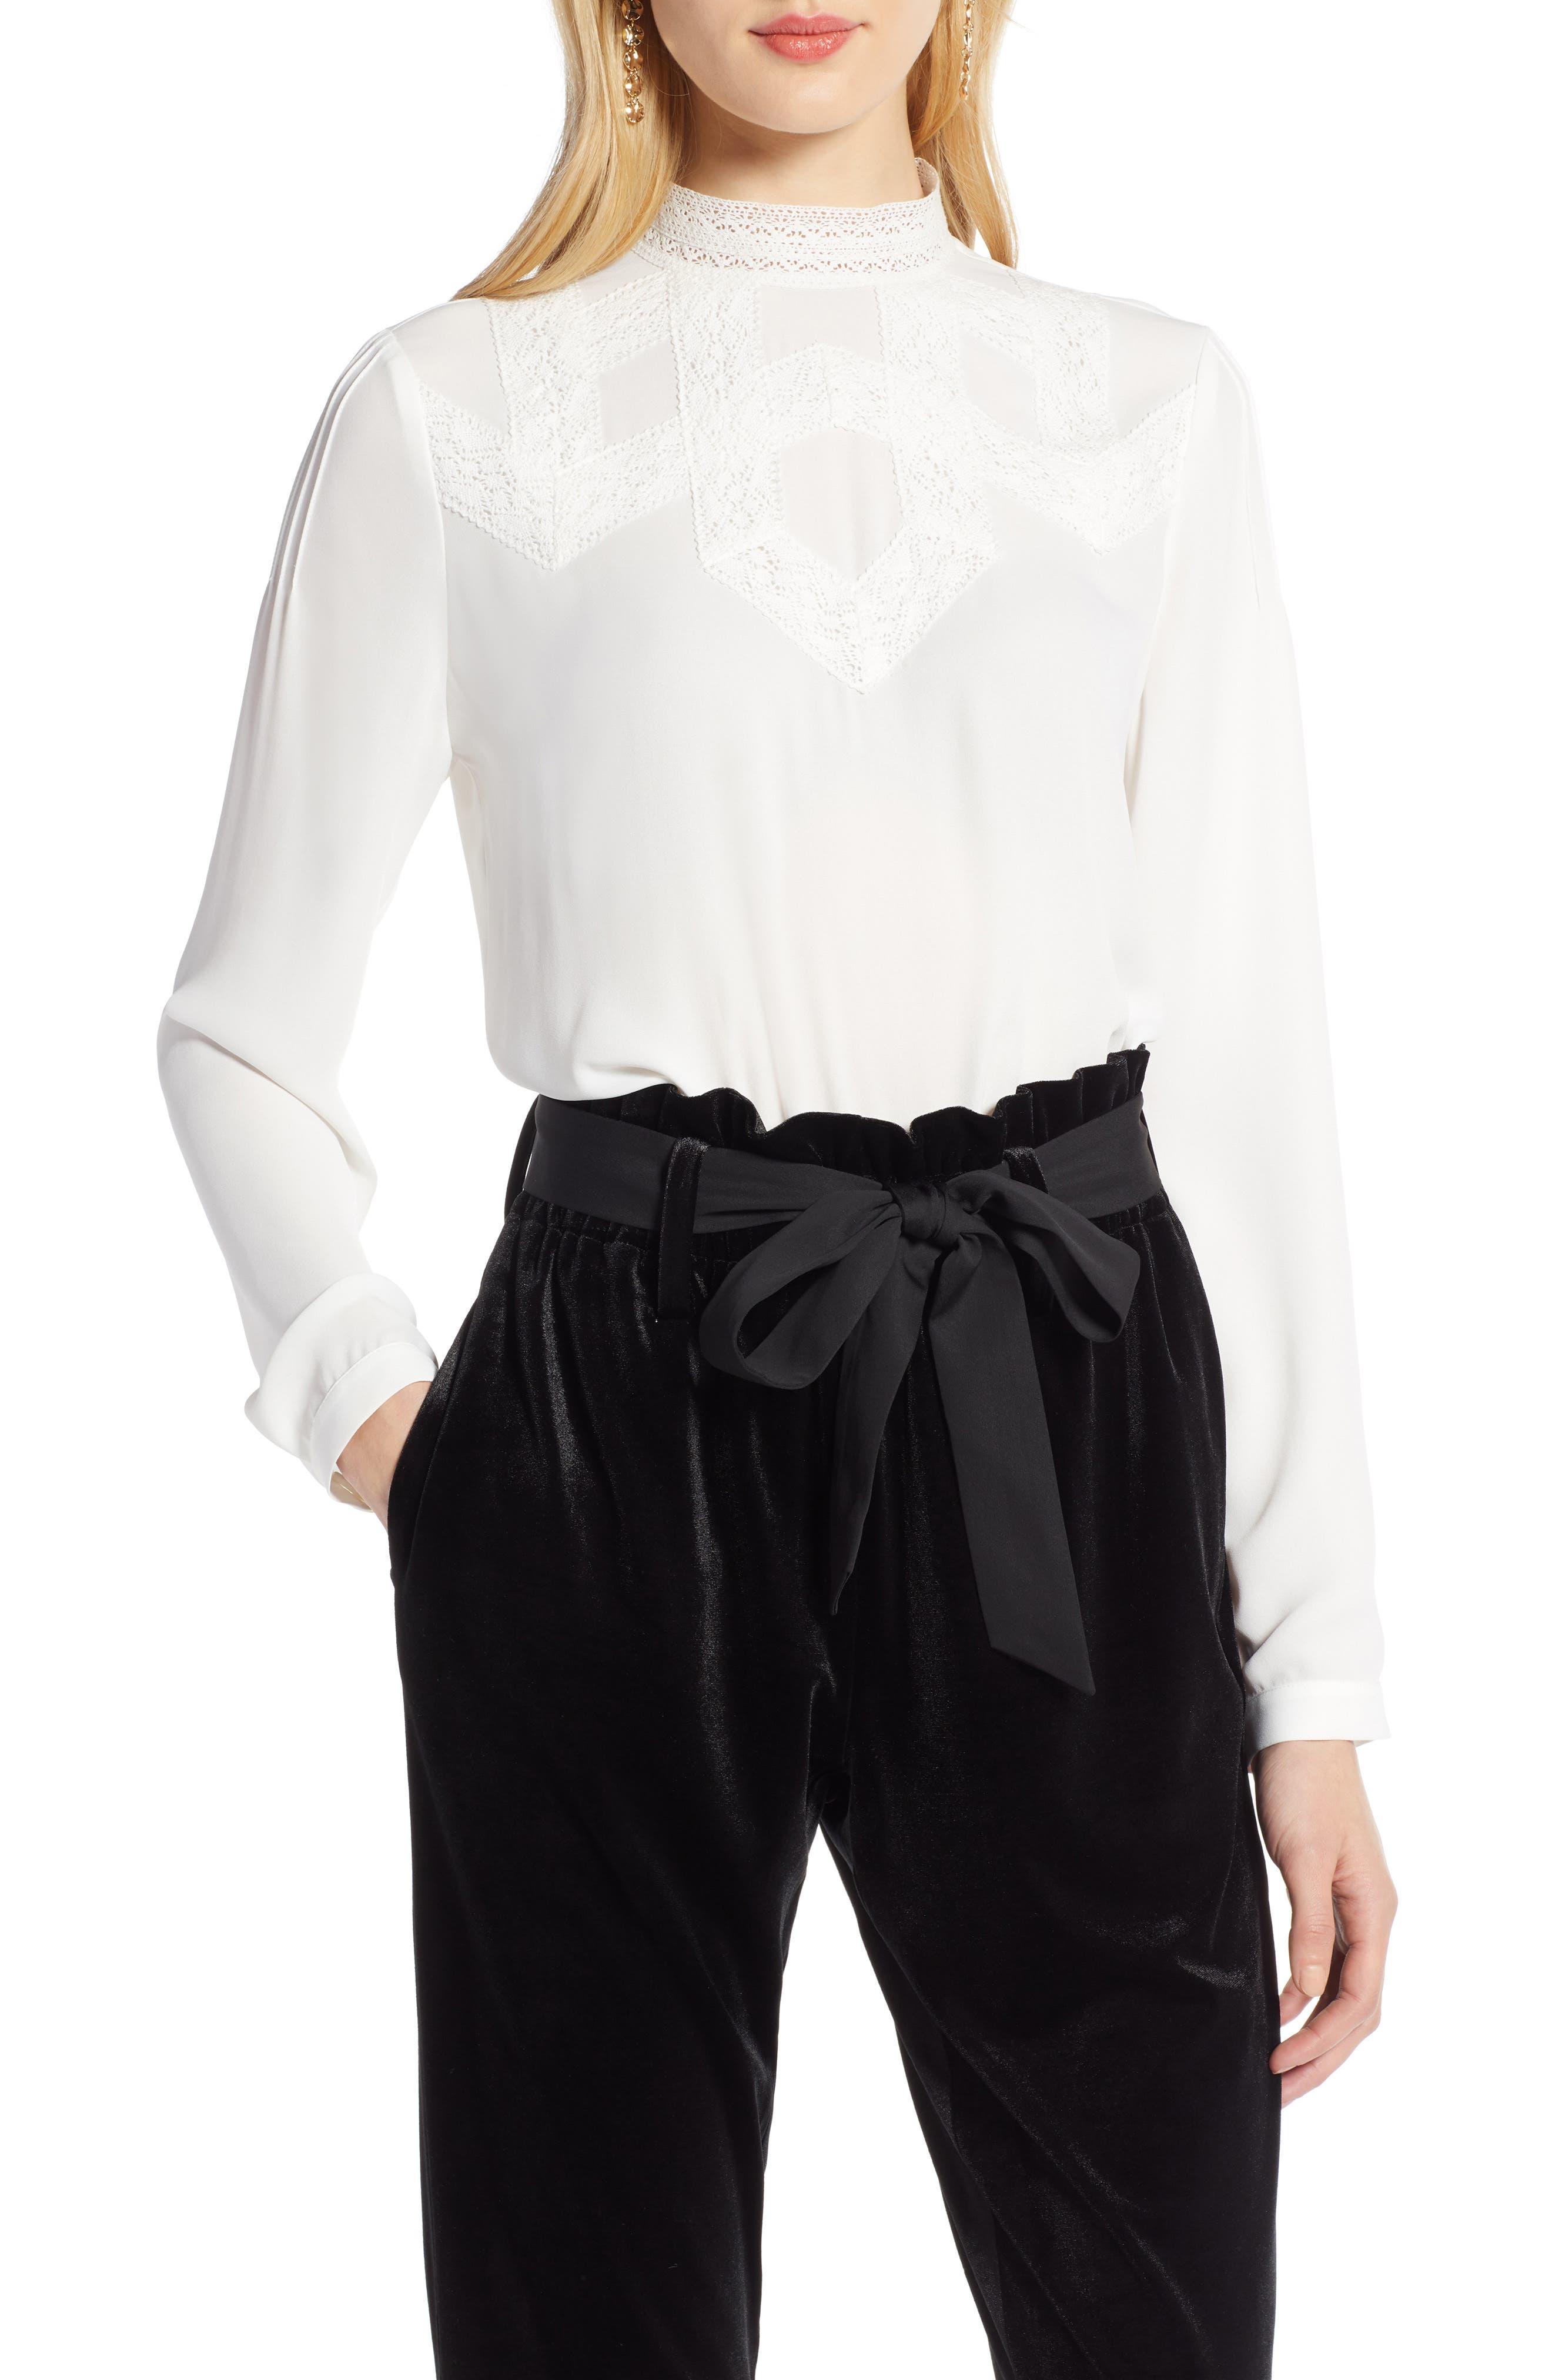 Edwardian Blouses   White & Black Lace Blouses & Sweaters Womens Halogen Lace Detail Blouse $79.00 AT vintagedancer.com